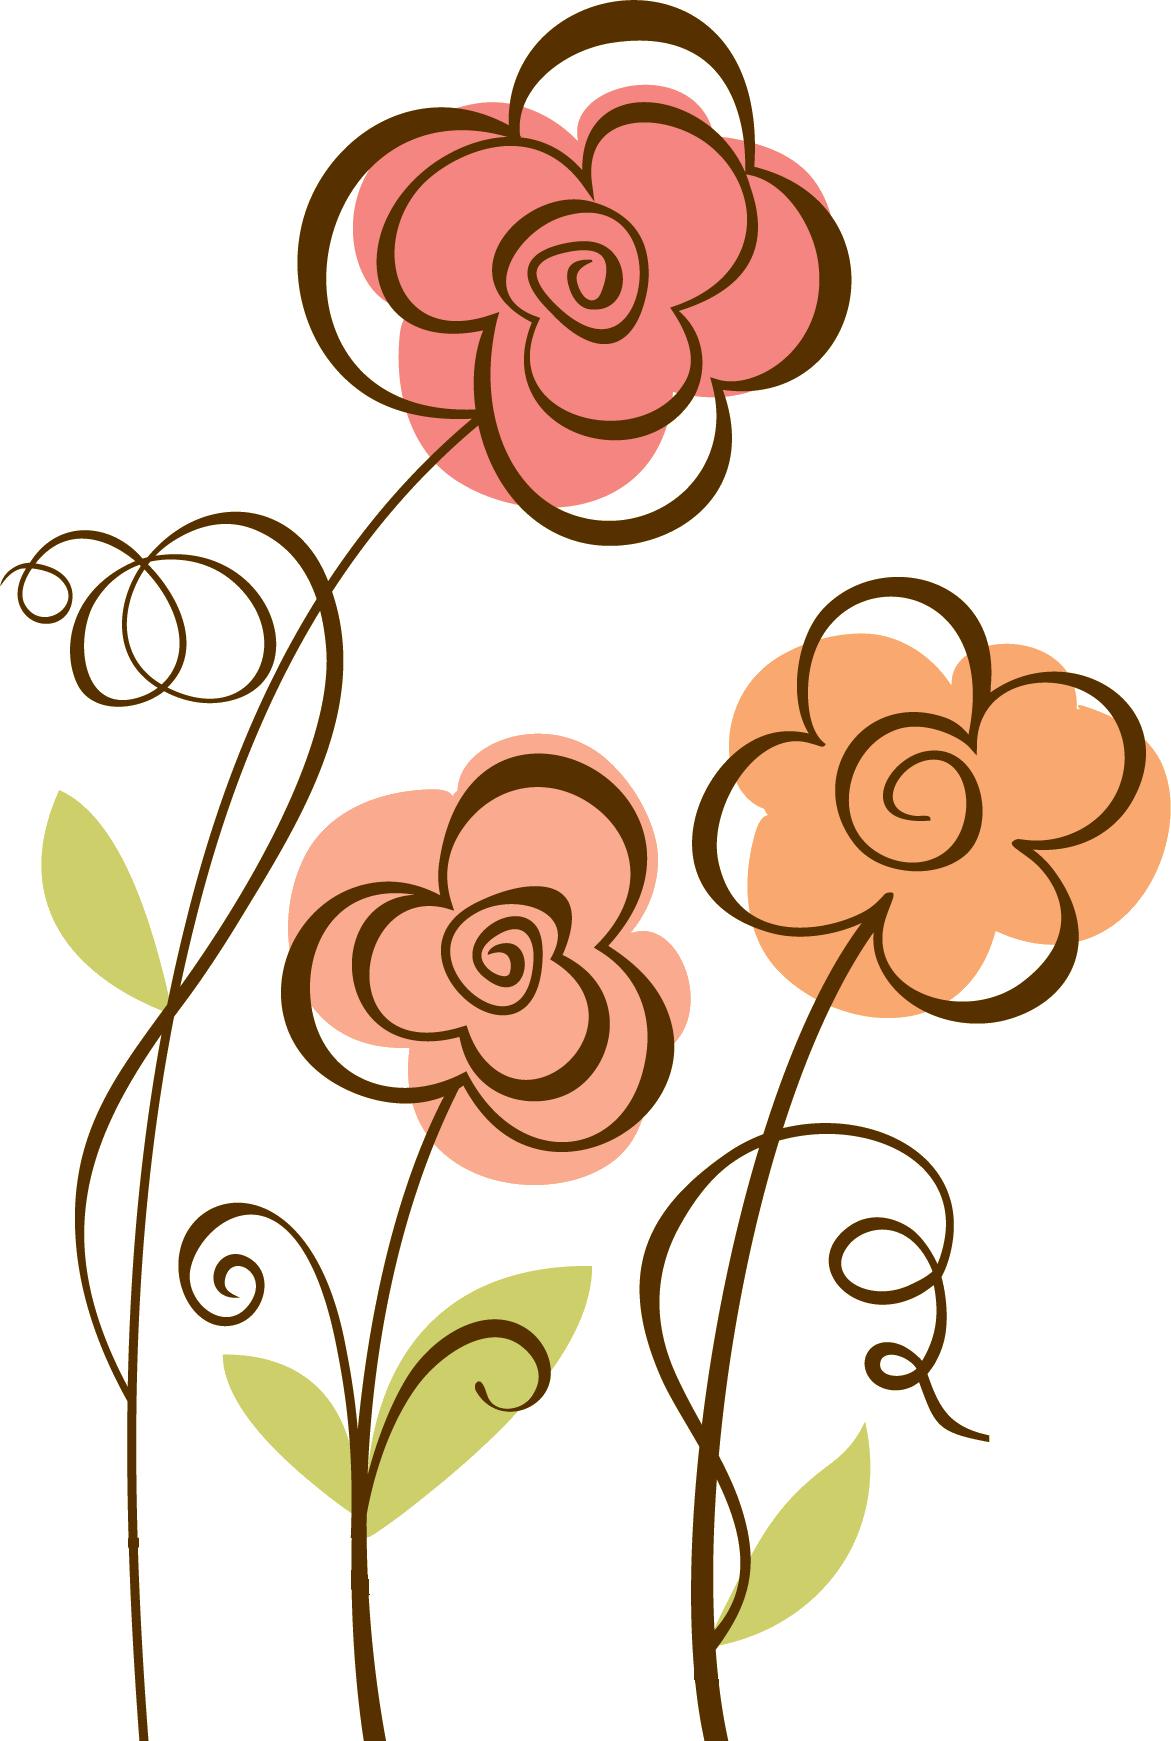 フルカラー・カラフルな花のイラスト・フリー素材/no.055『シンプル